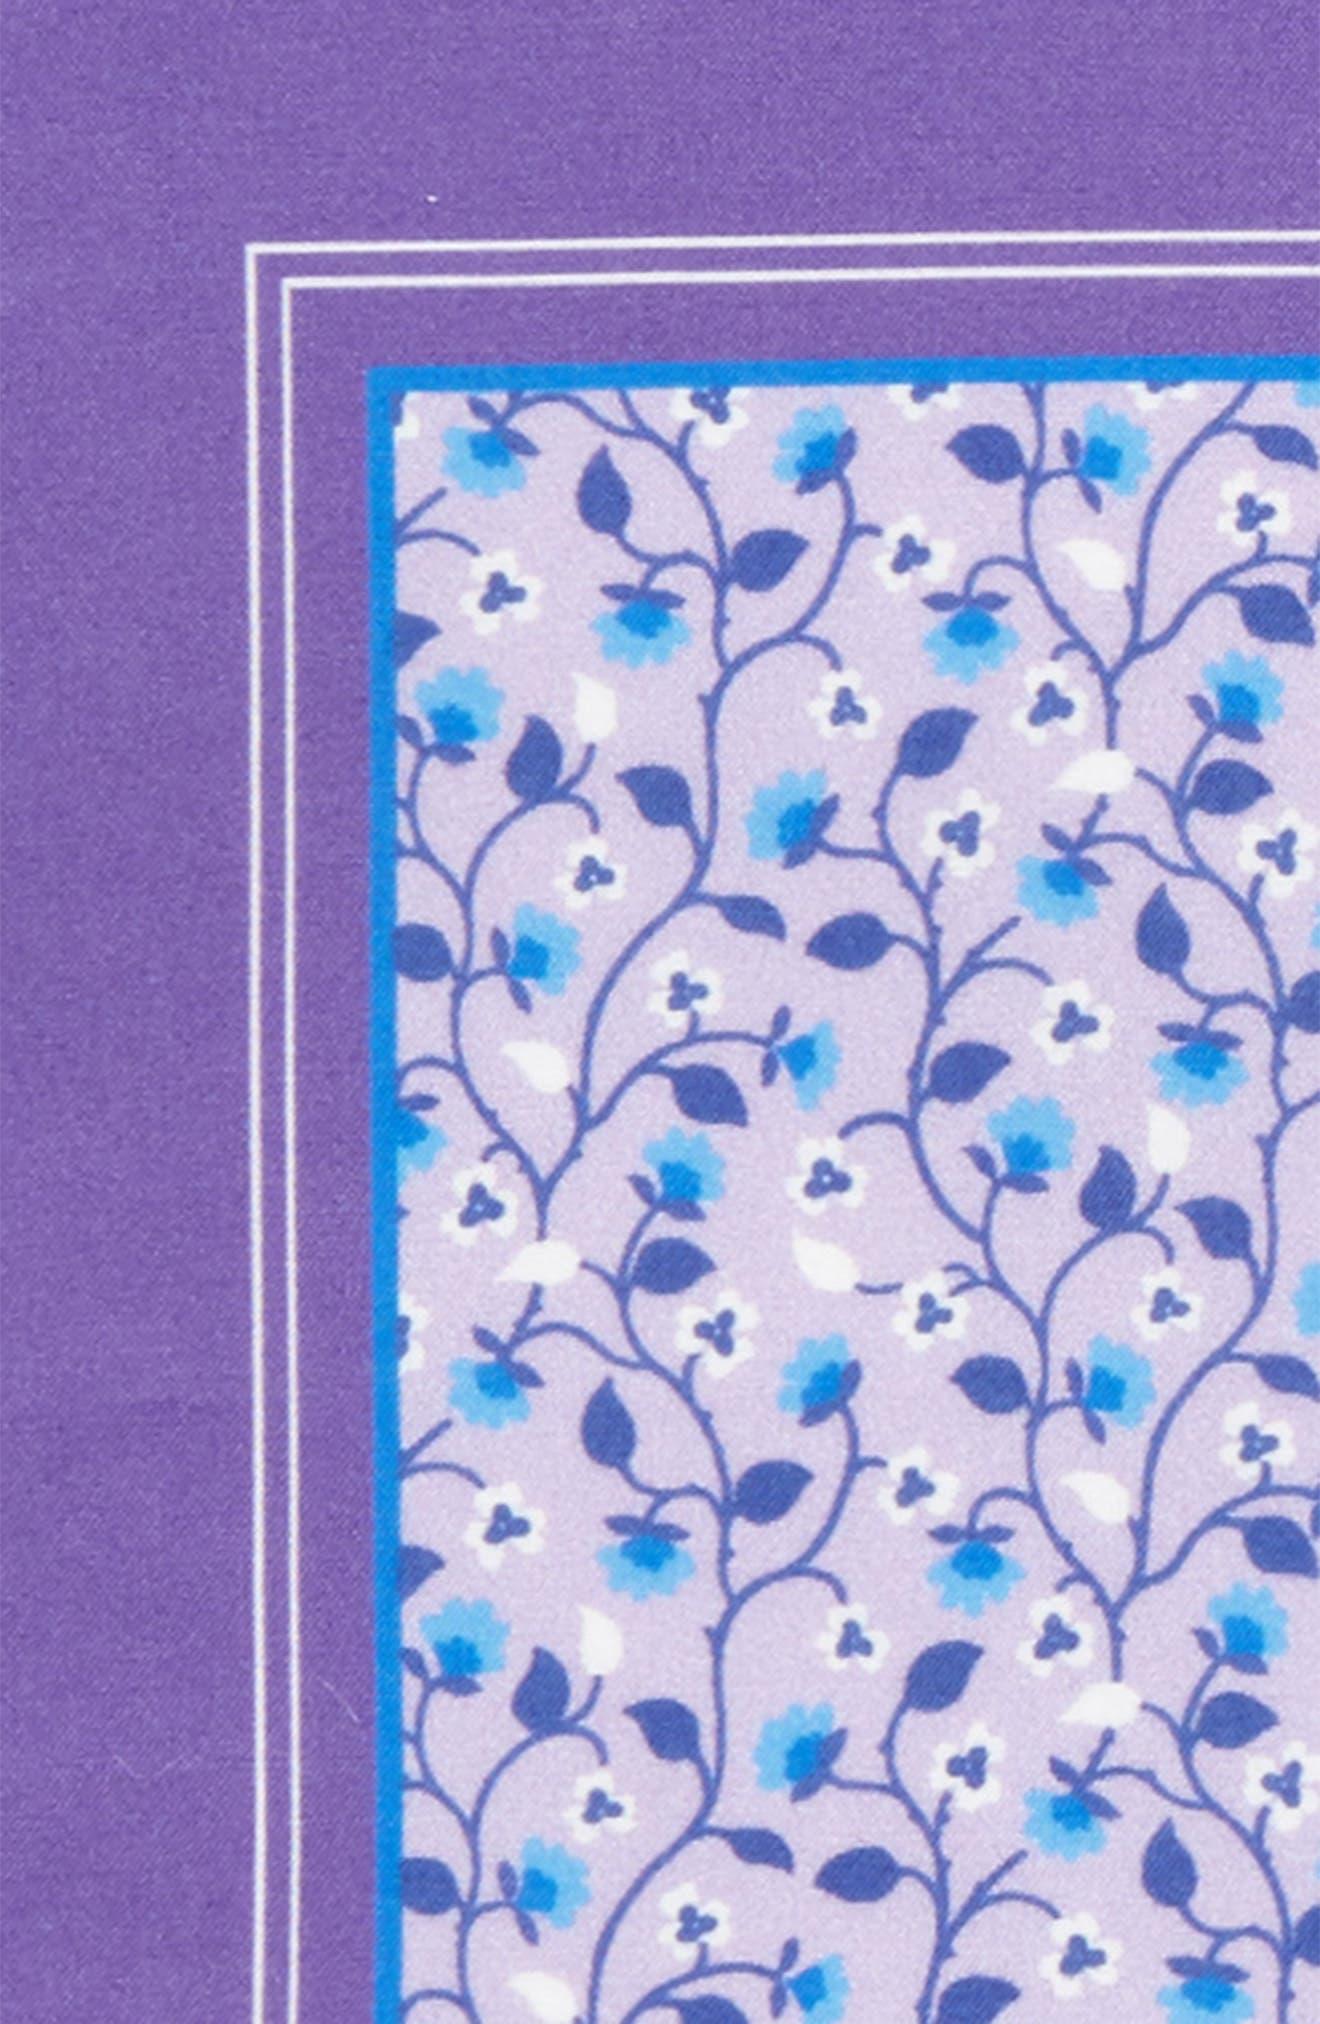 Floral Cotton Pocket Square,                             Alternate thumbnail 3, color,                             500